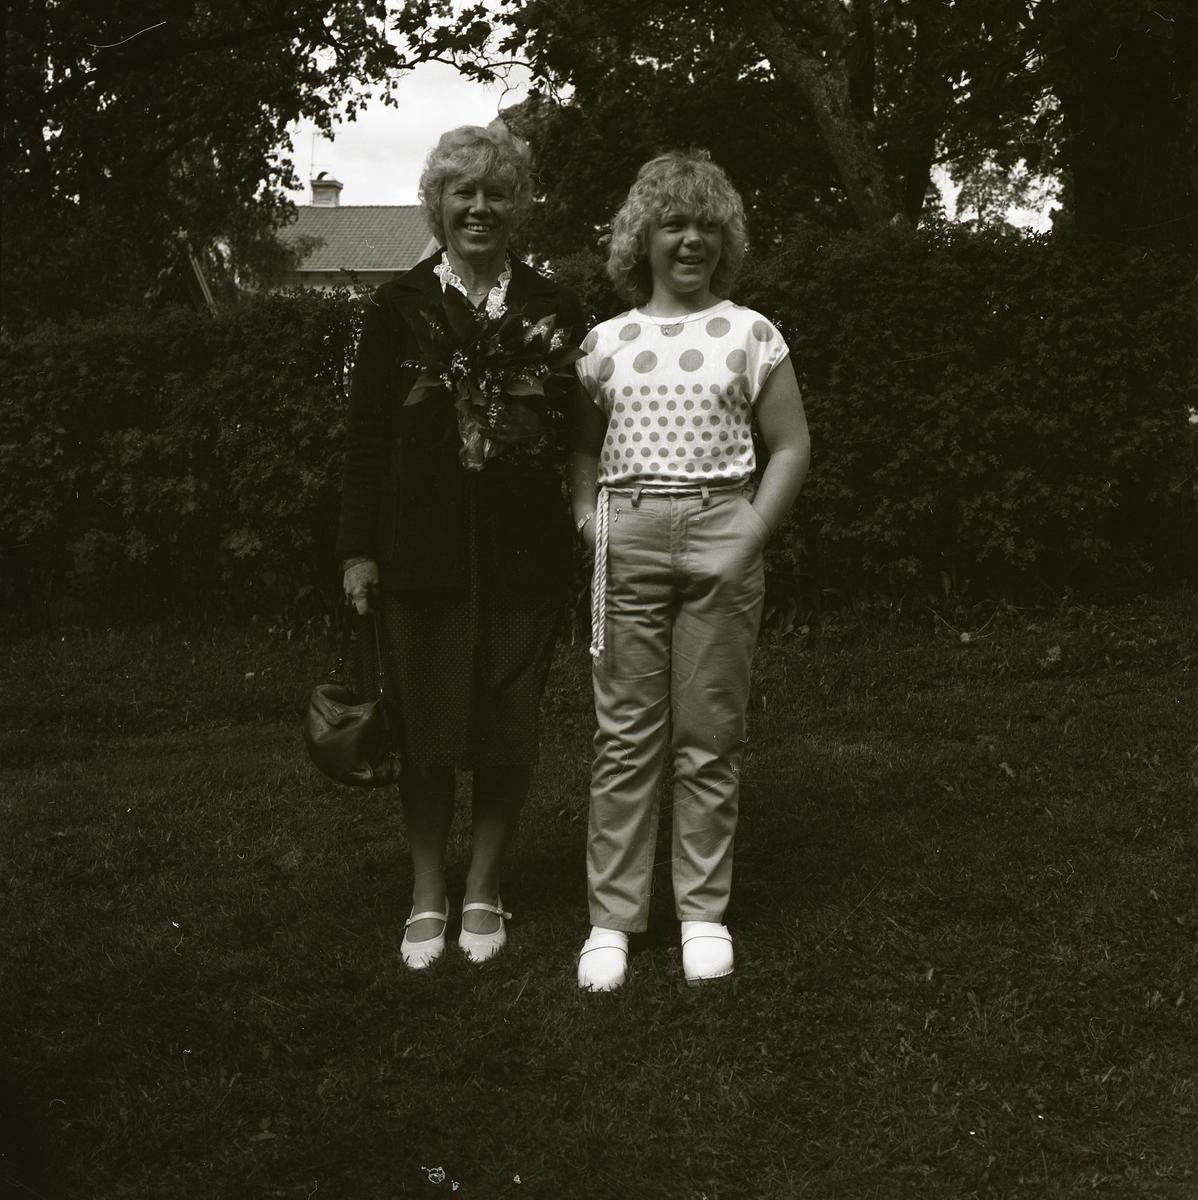 Två kvinnor poserar framför en häck. Den ena bär kjol och kavaj medan den andra bär t-shirt och byxor. En av kvinnorna håller i en stor bukett blommor då bilden är tagen under examensfirande i Alfta kyrka i juni 1983.